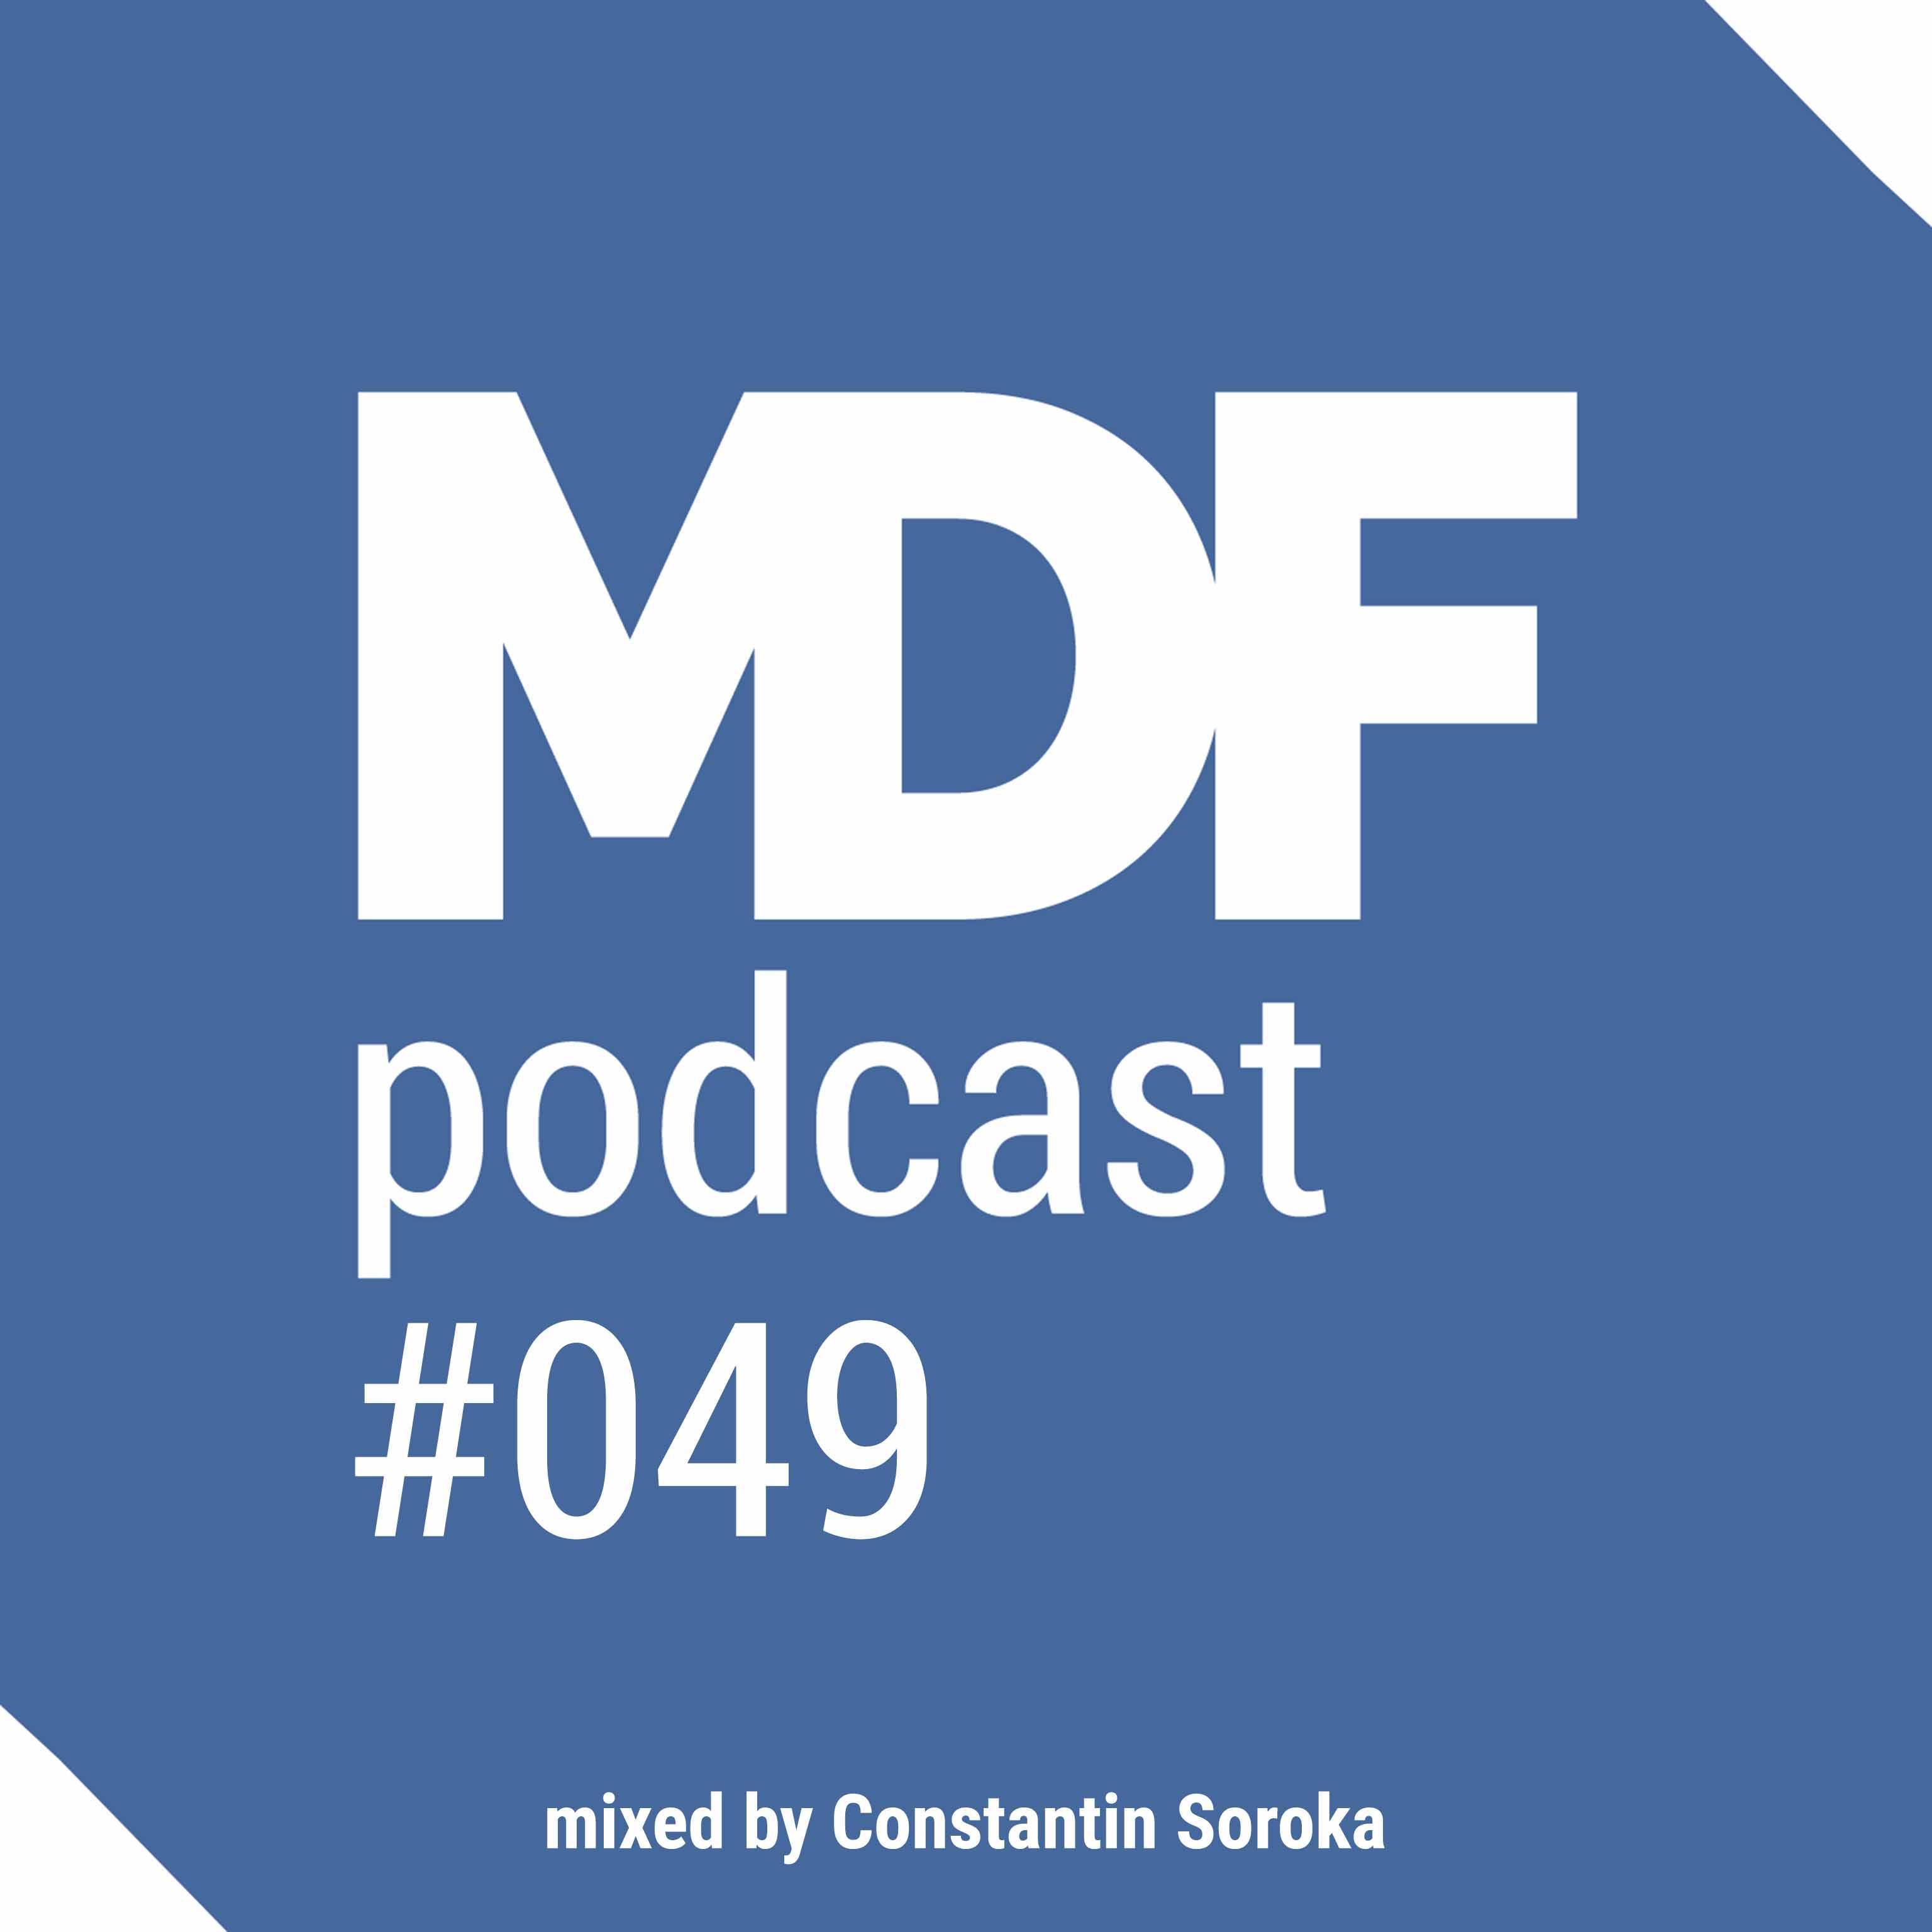 MDF Podcast o49